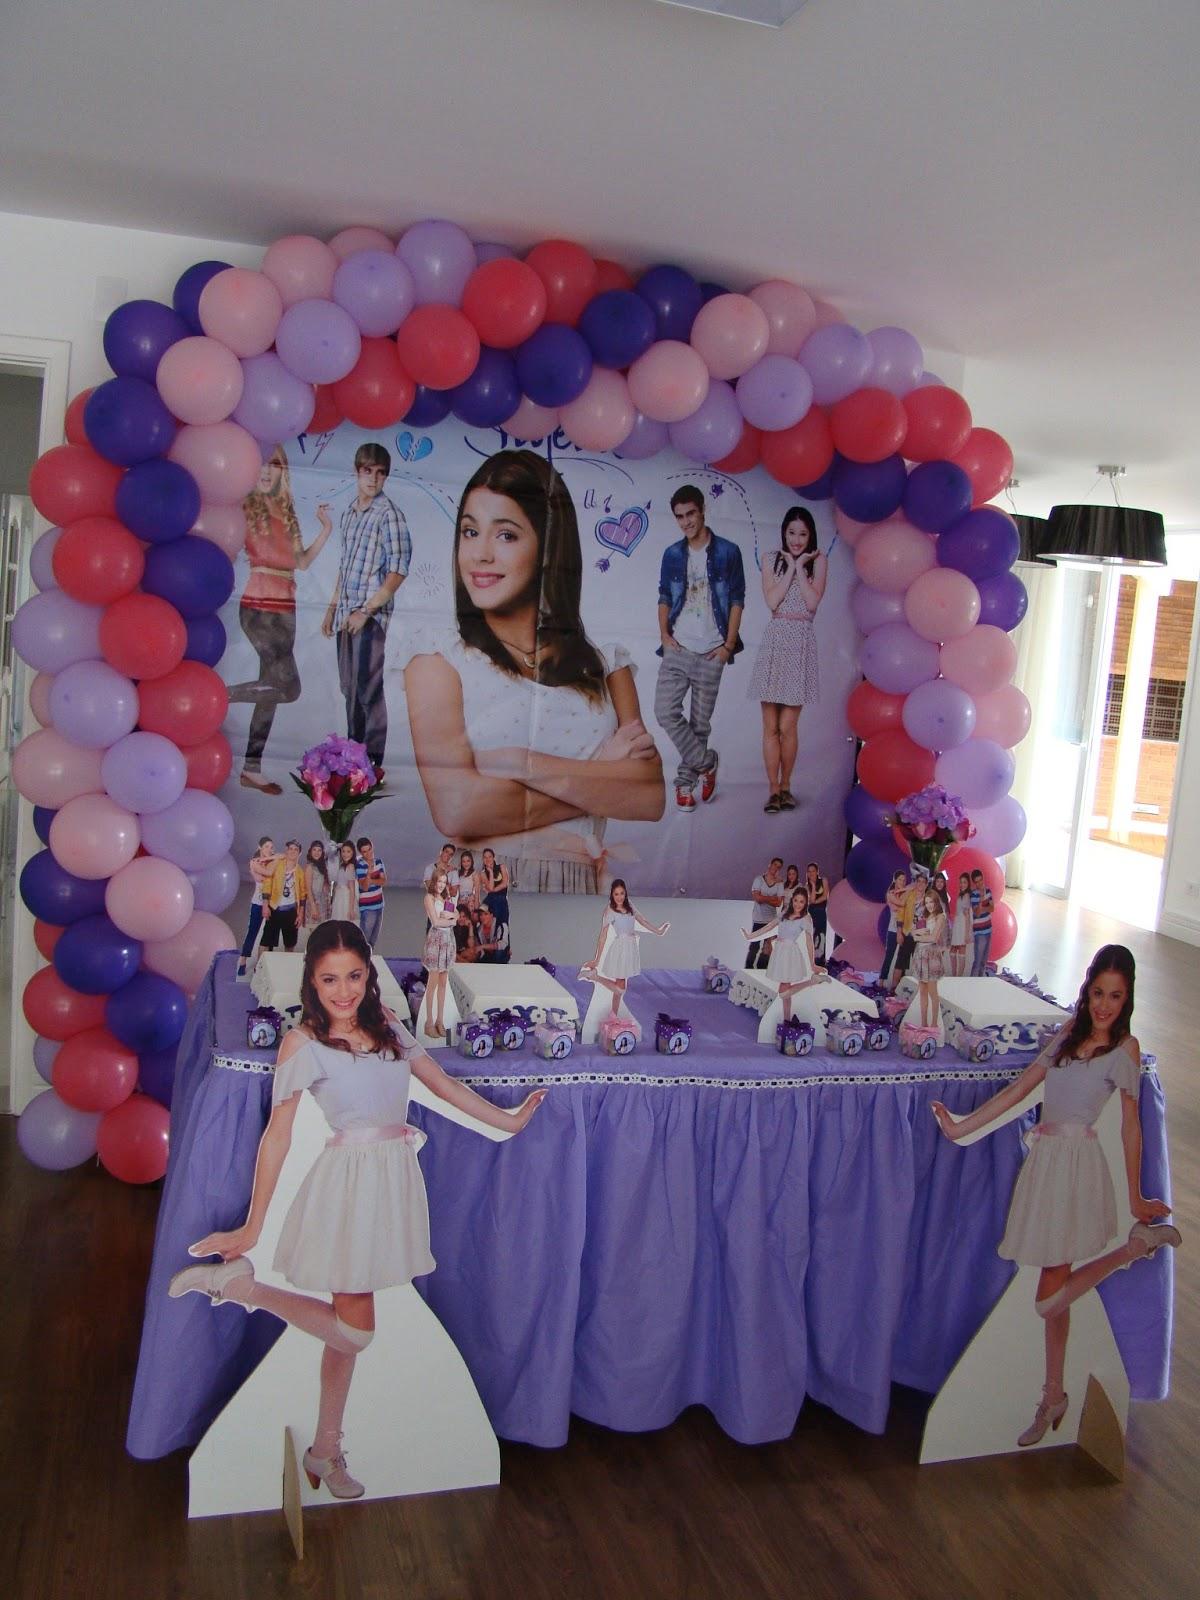 Lu Felisbino Festas Afetivas: Festas da Violetta